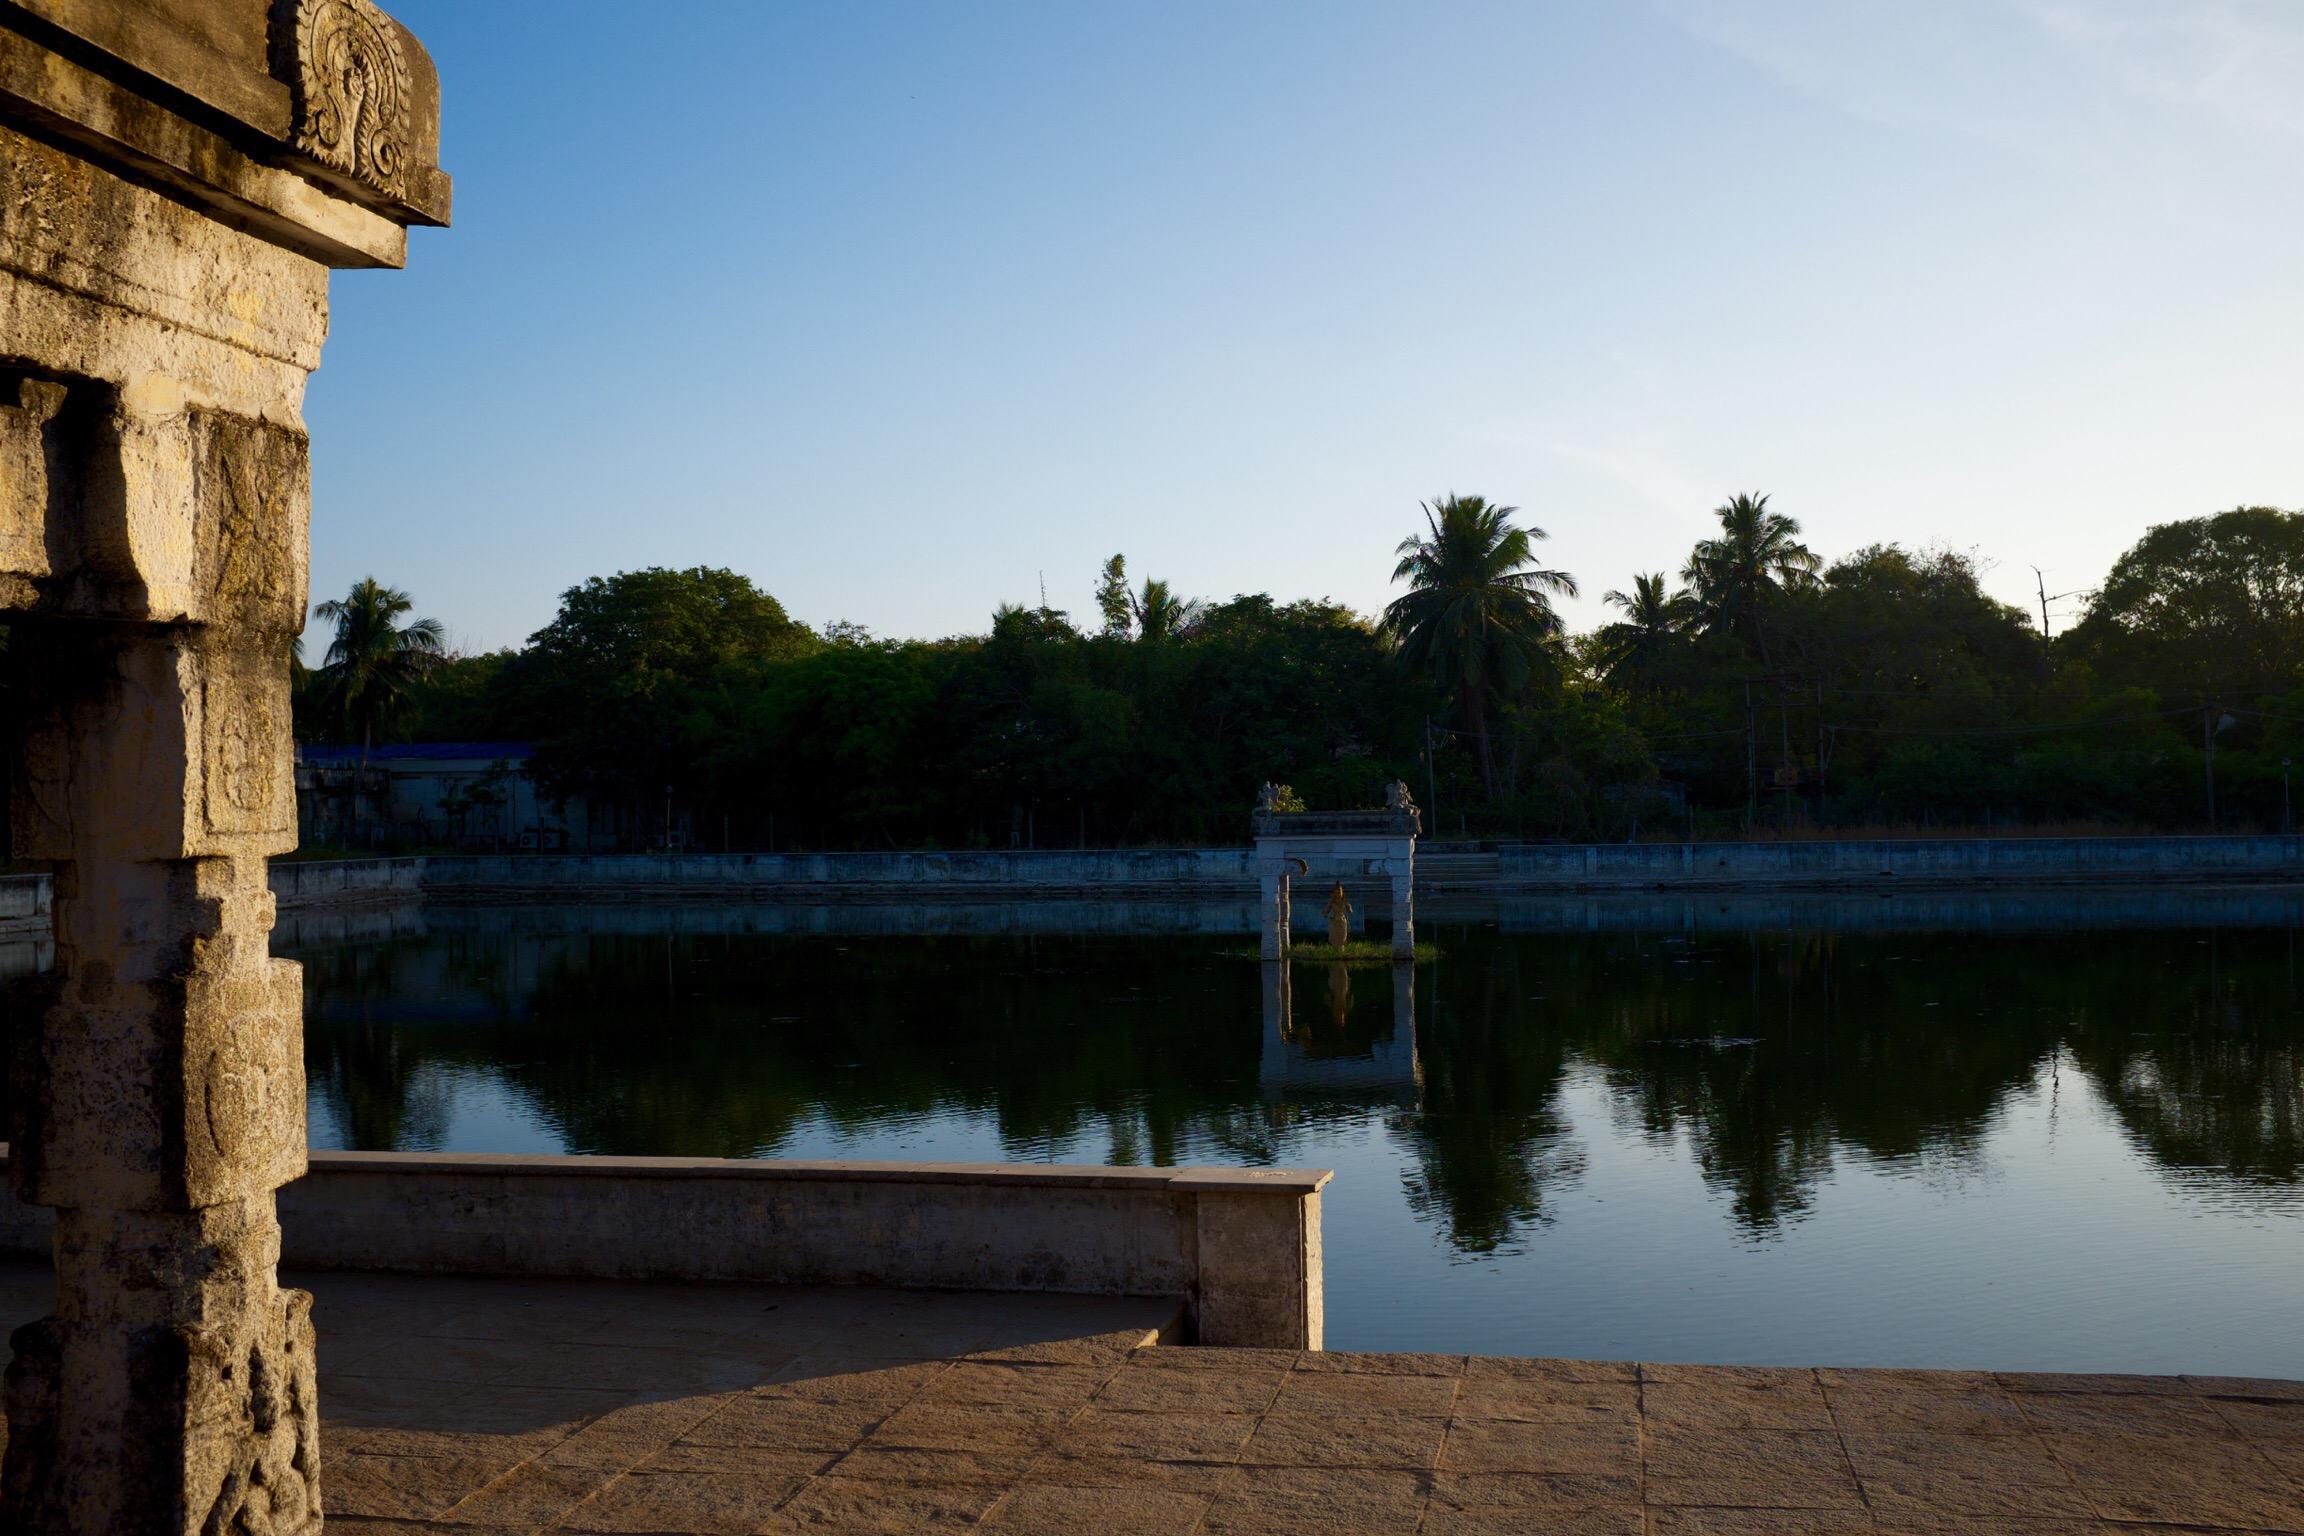 posto migliore per incontri a Chennai